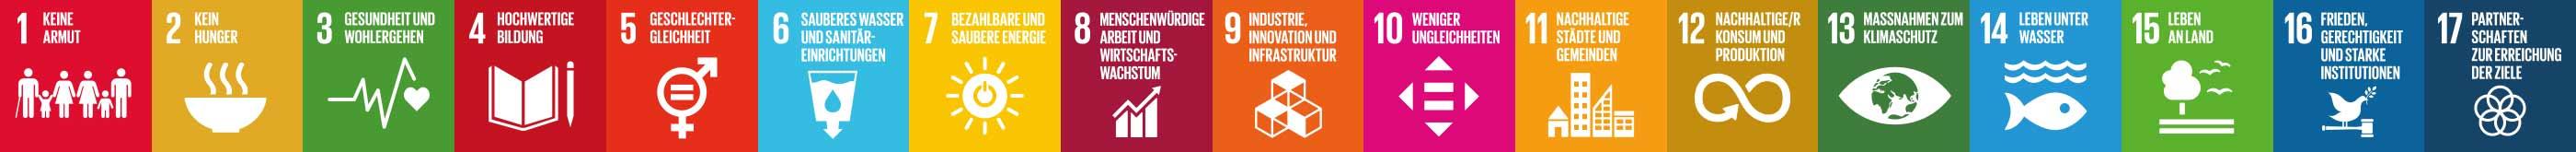 Alle 17 Icons der Sustainable Development Goals der UN mit Nummer, Grafik und dem deutschen Text | mey®